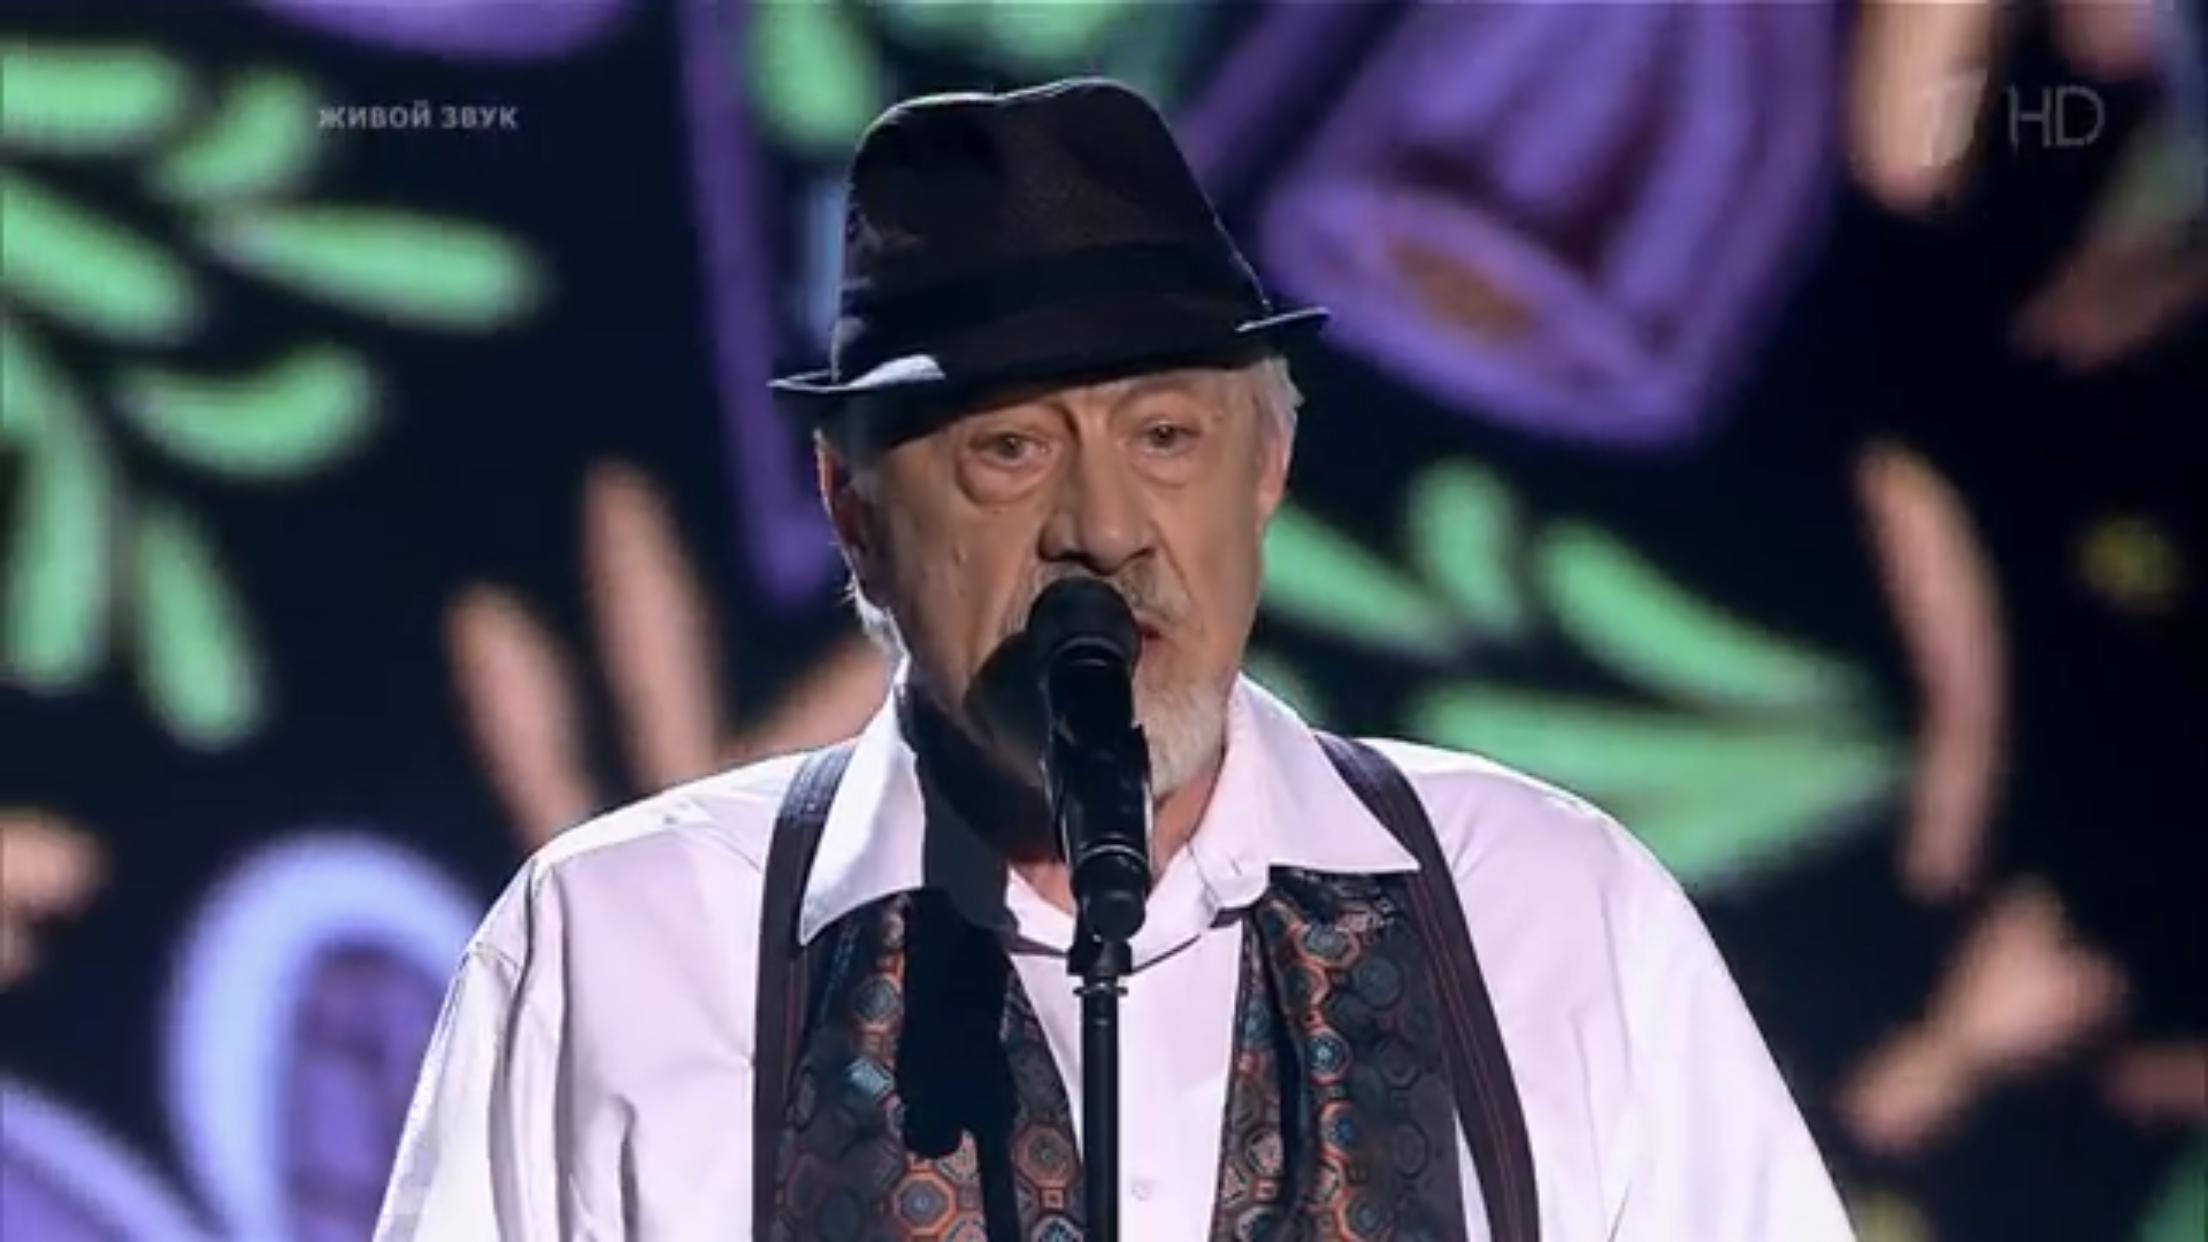 Заслуженный артист Северной Осетии остановился в шаге от суперфинала популярного телешоу